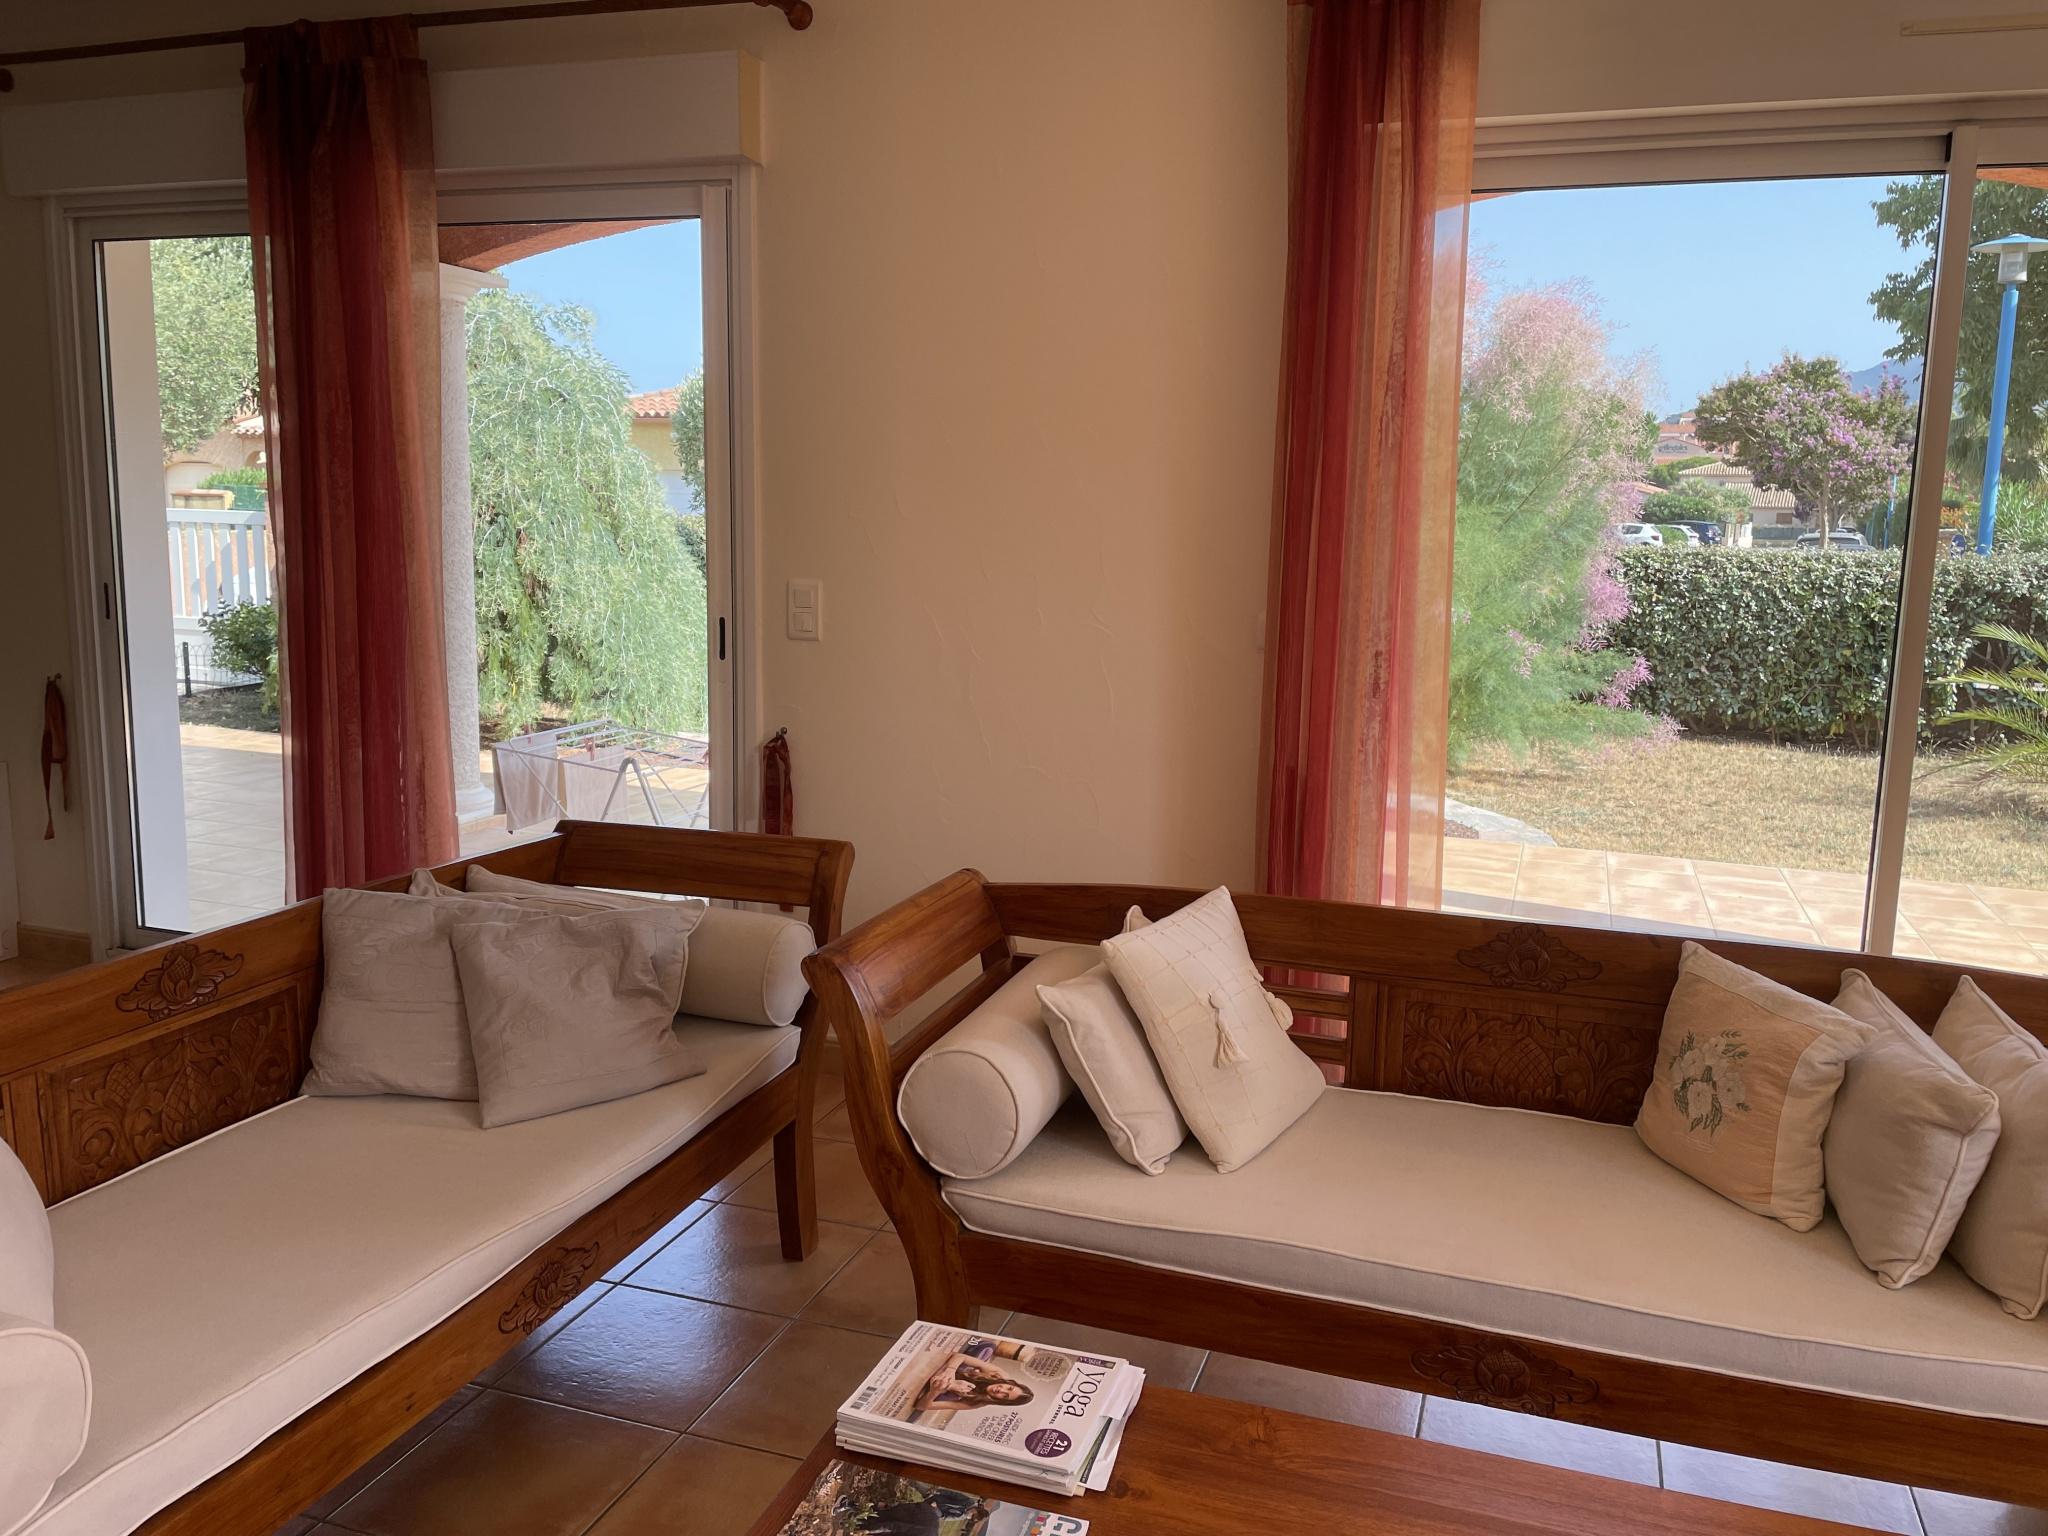 À vendre maison/villa de 124m2 à argeles sur mer (66700) - Photo 9'